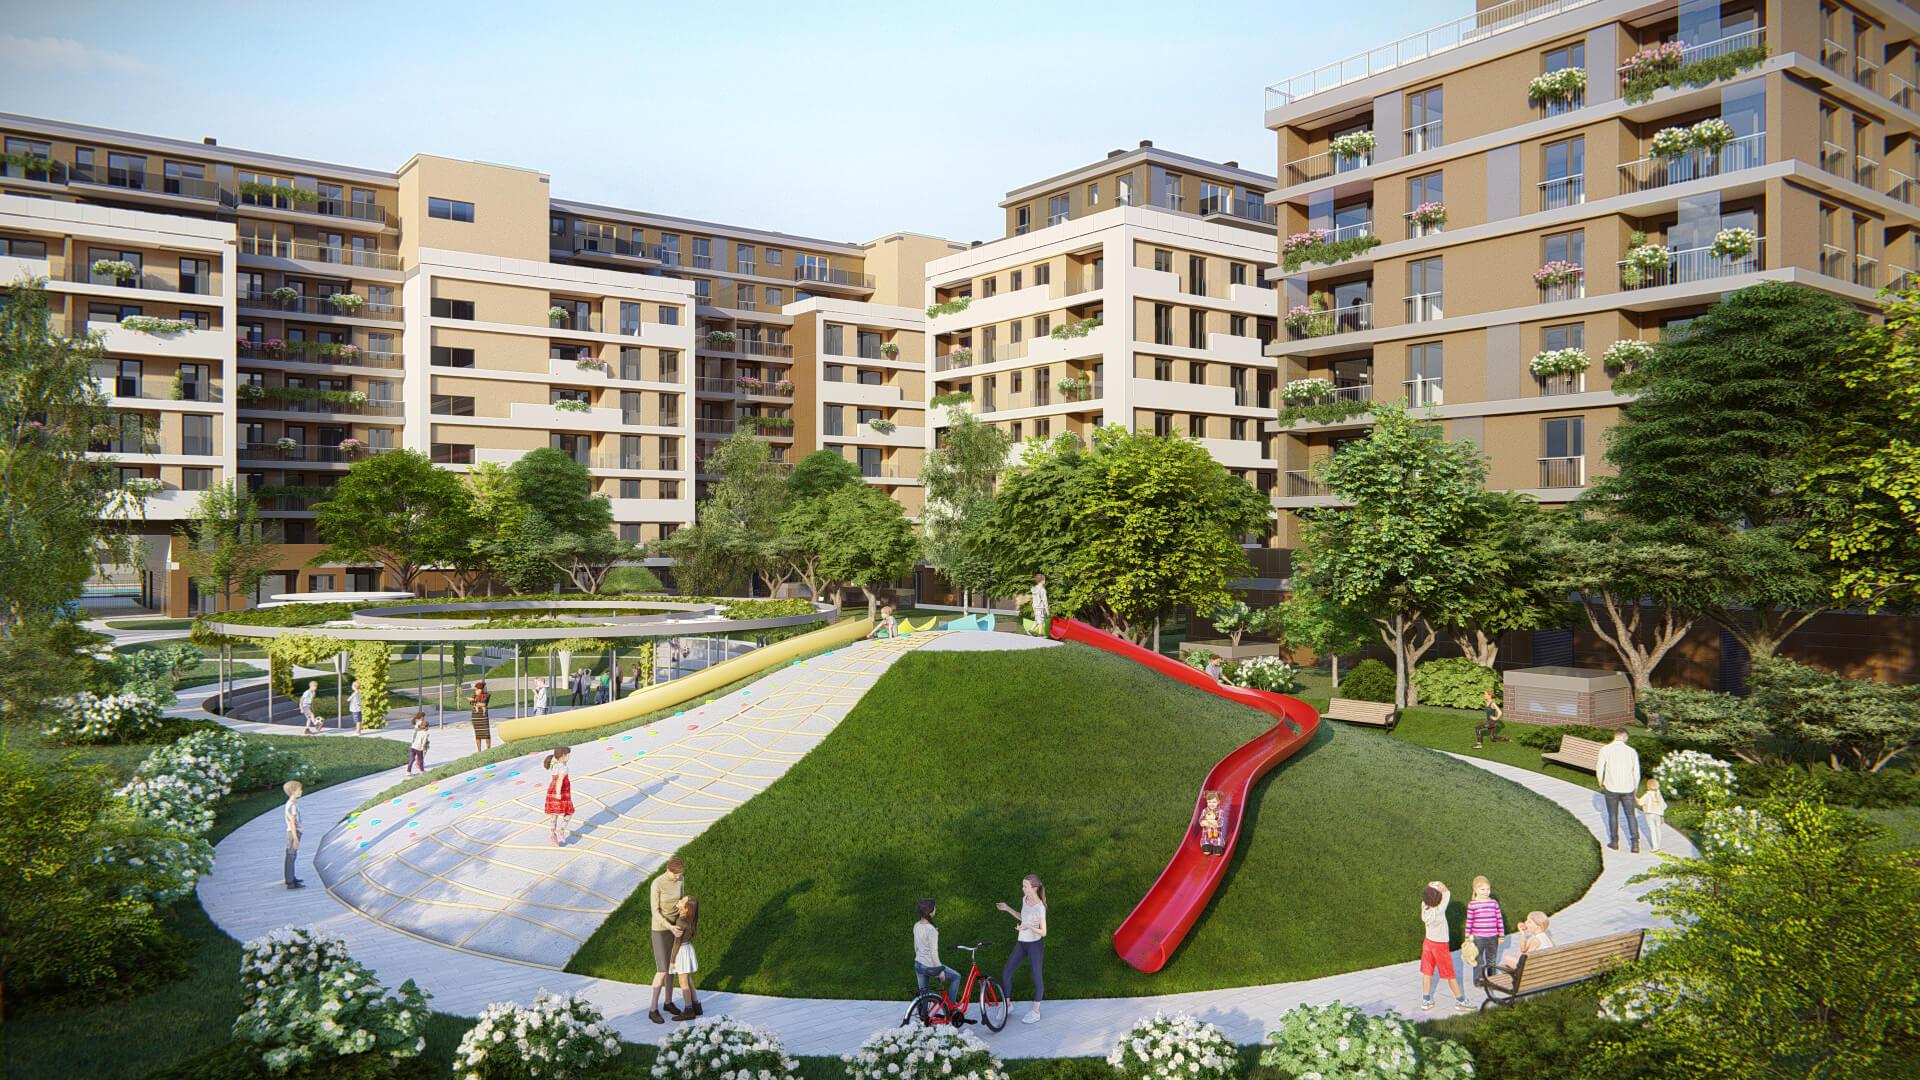 Családias lakópark a XIII. kerületben, ahova most Ön is ellátogathat!